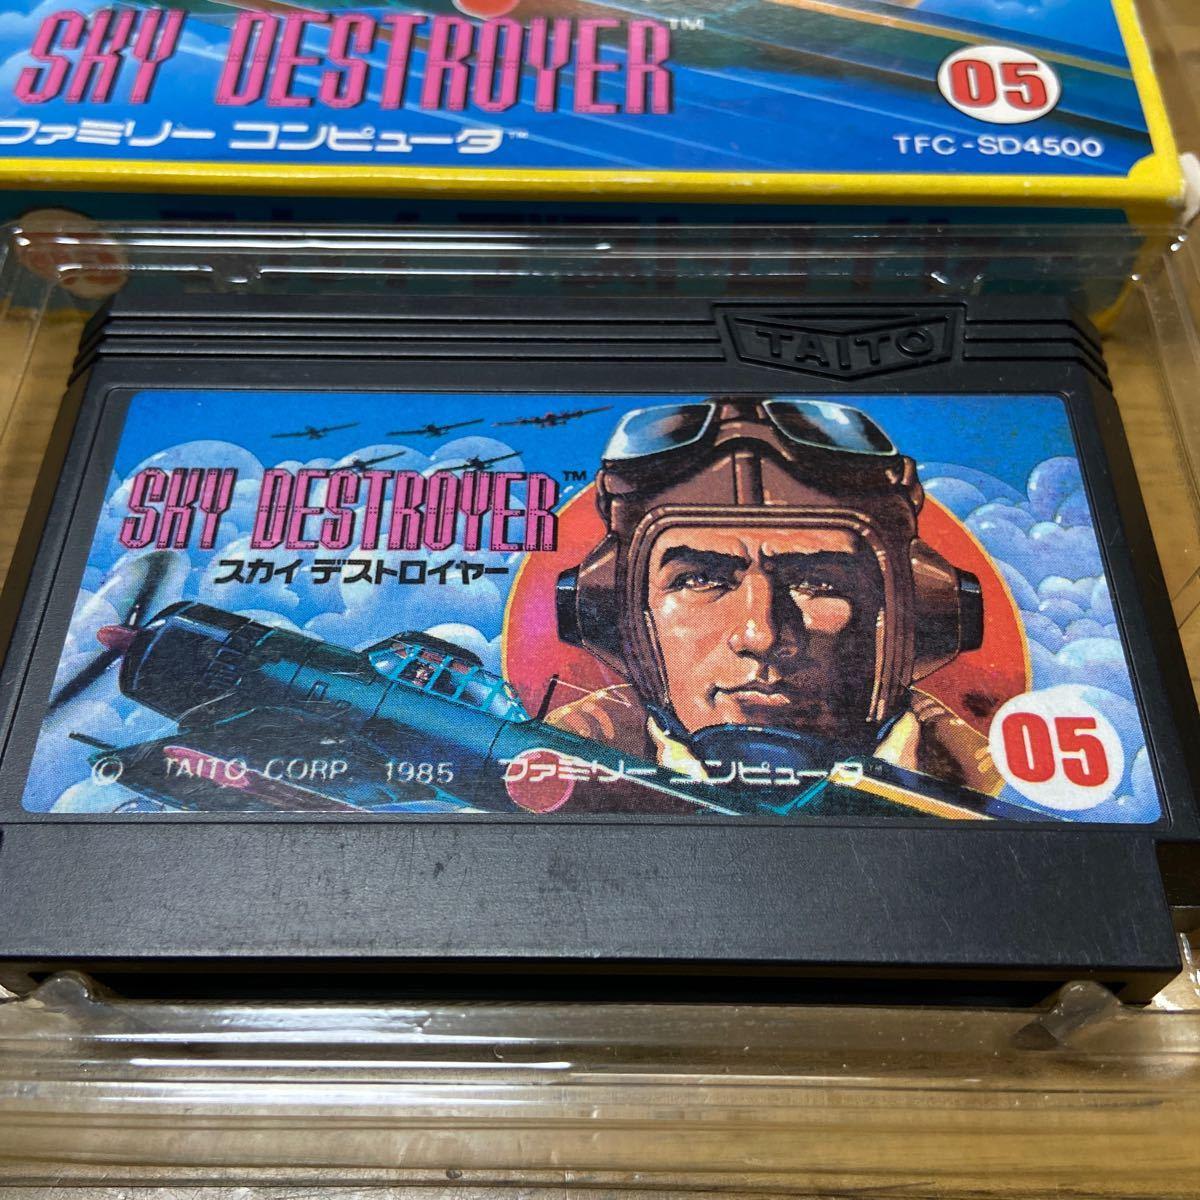 ファミコンソフト スカイデストロイヤー タイトー シューティングゲーム レトロゲーム ファミリーコンピュータ